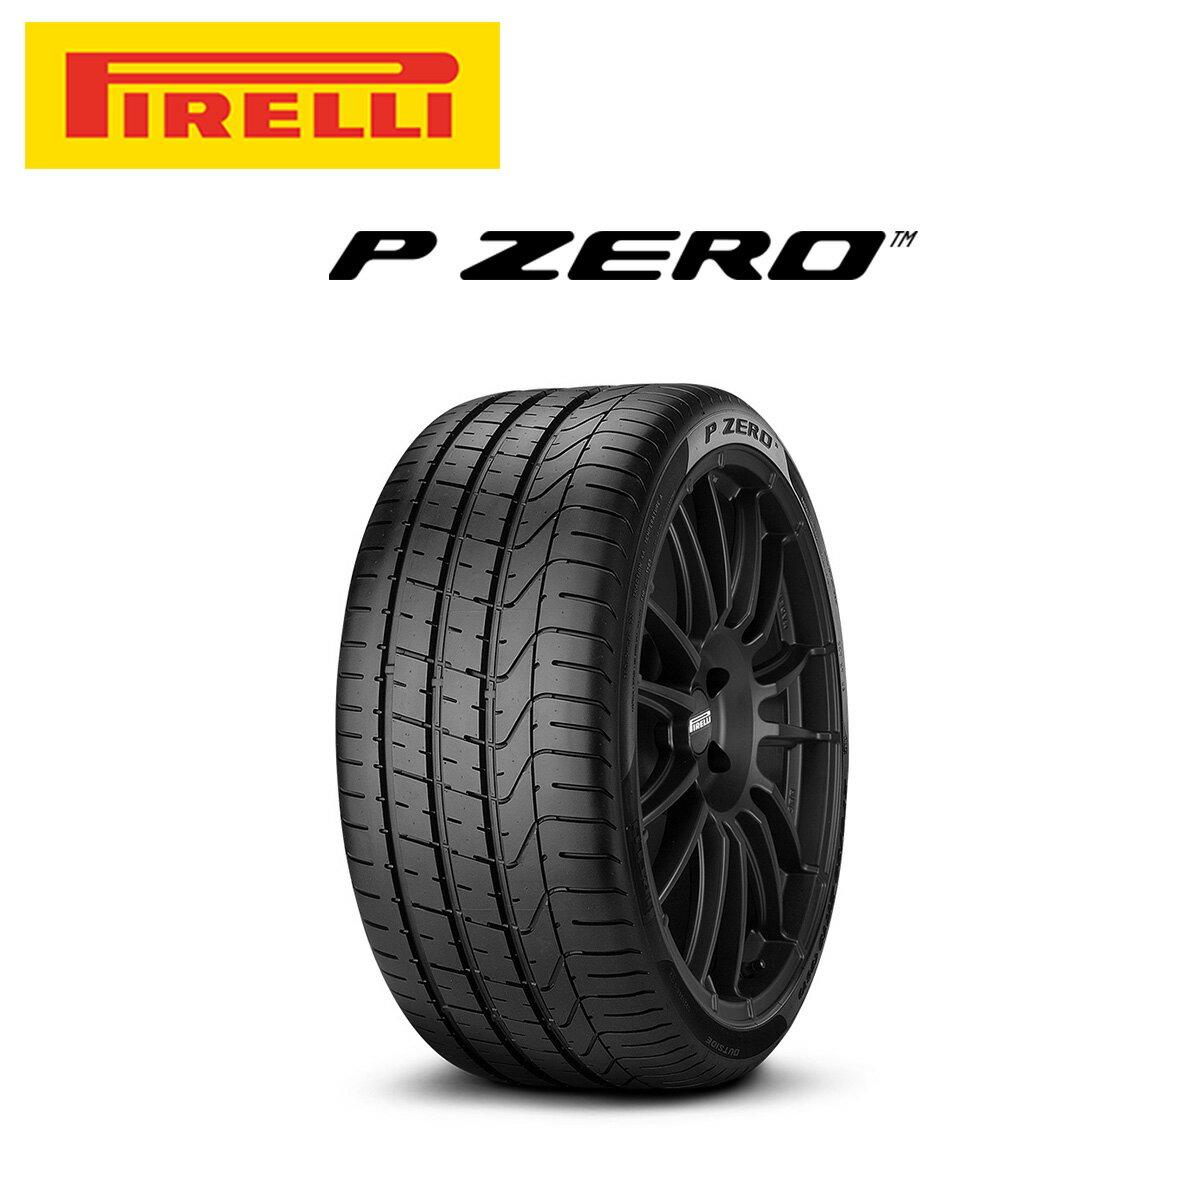 ピレリ PIRELLI P ZERO ピーゼロ 20インチ サマー タイヤ 4本 セット 255/30R20 92Y XL r-f ★:BMW MINI承認タイヤ 2074500